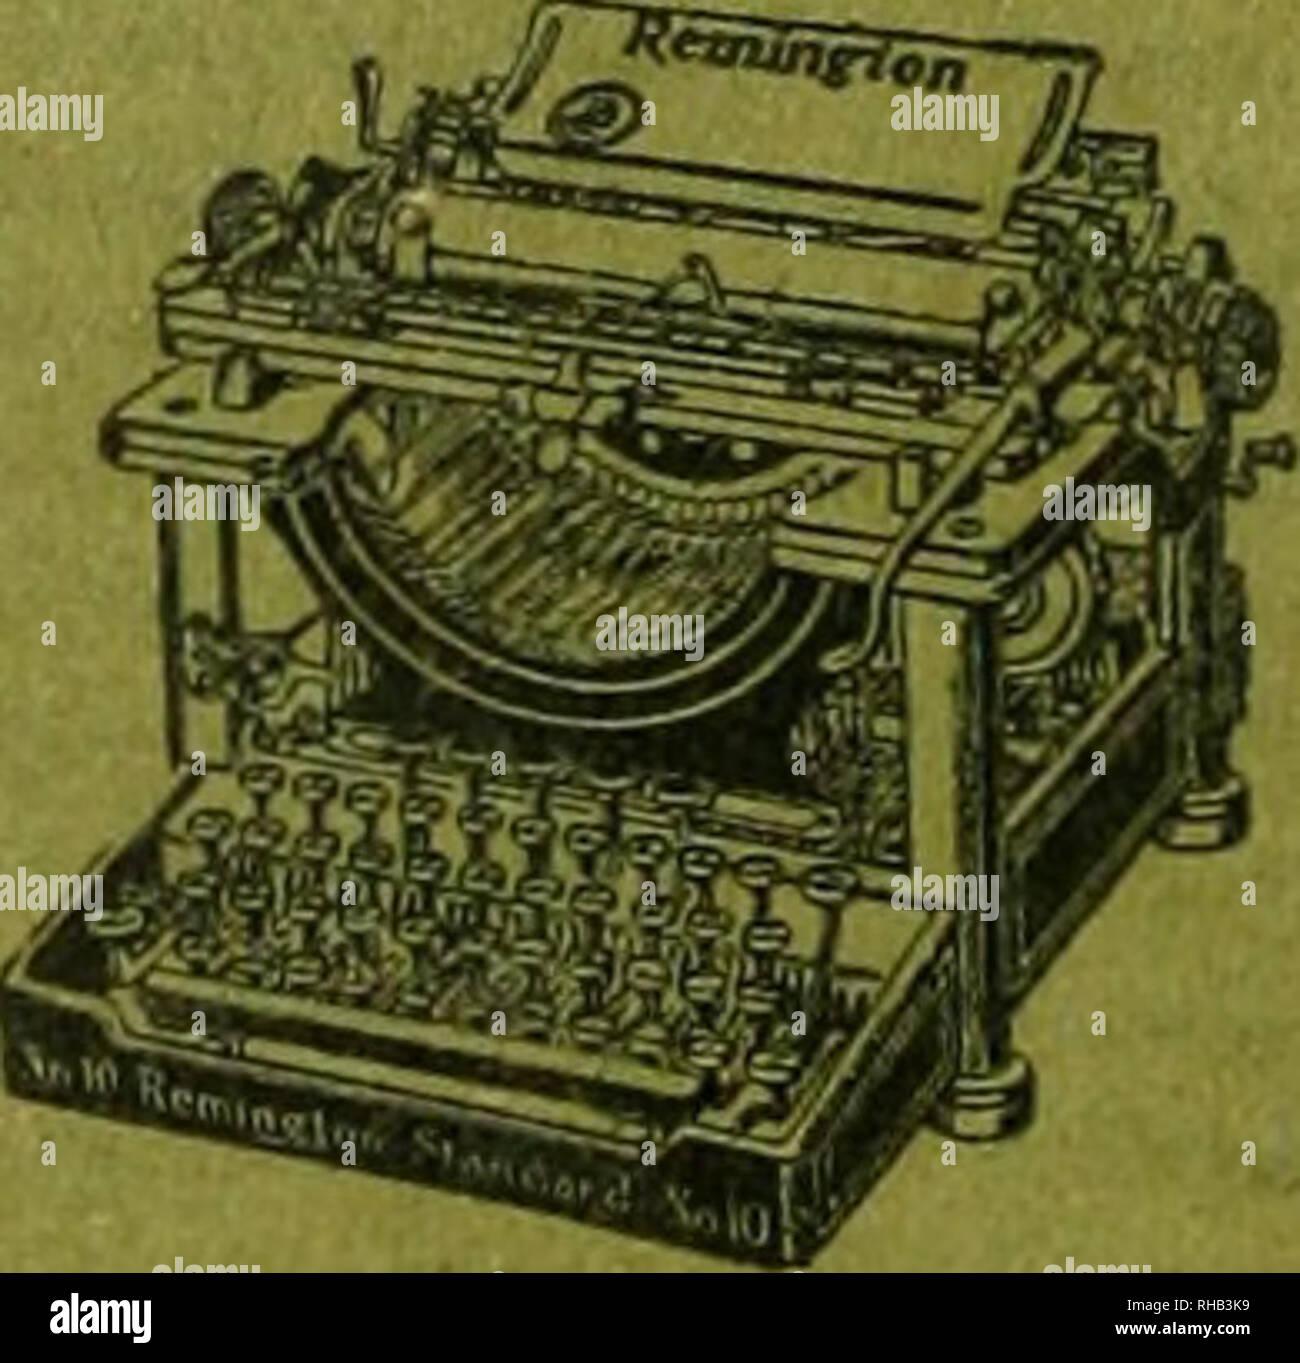 Datando la mia macchina da scrivere Underwood